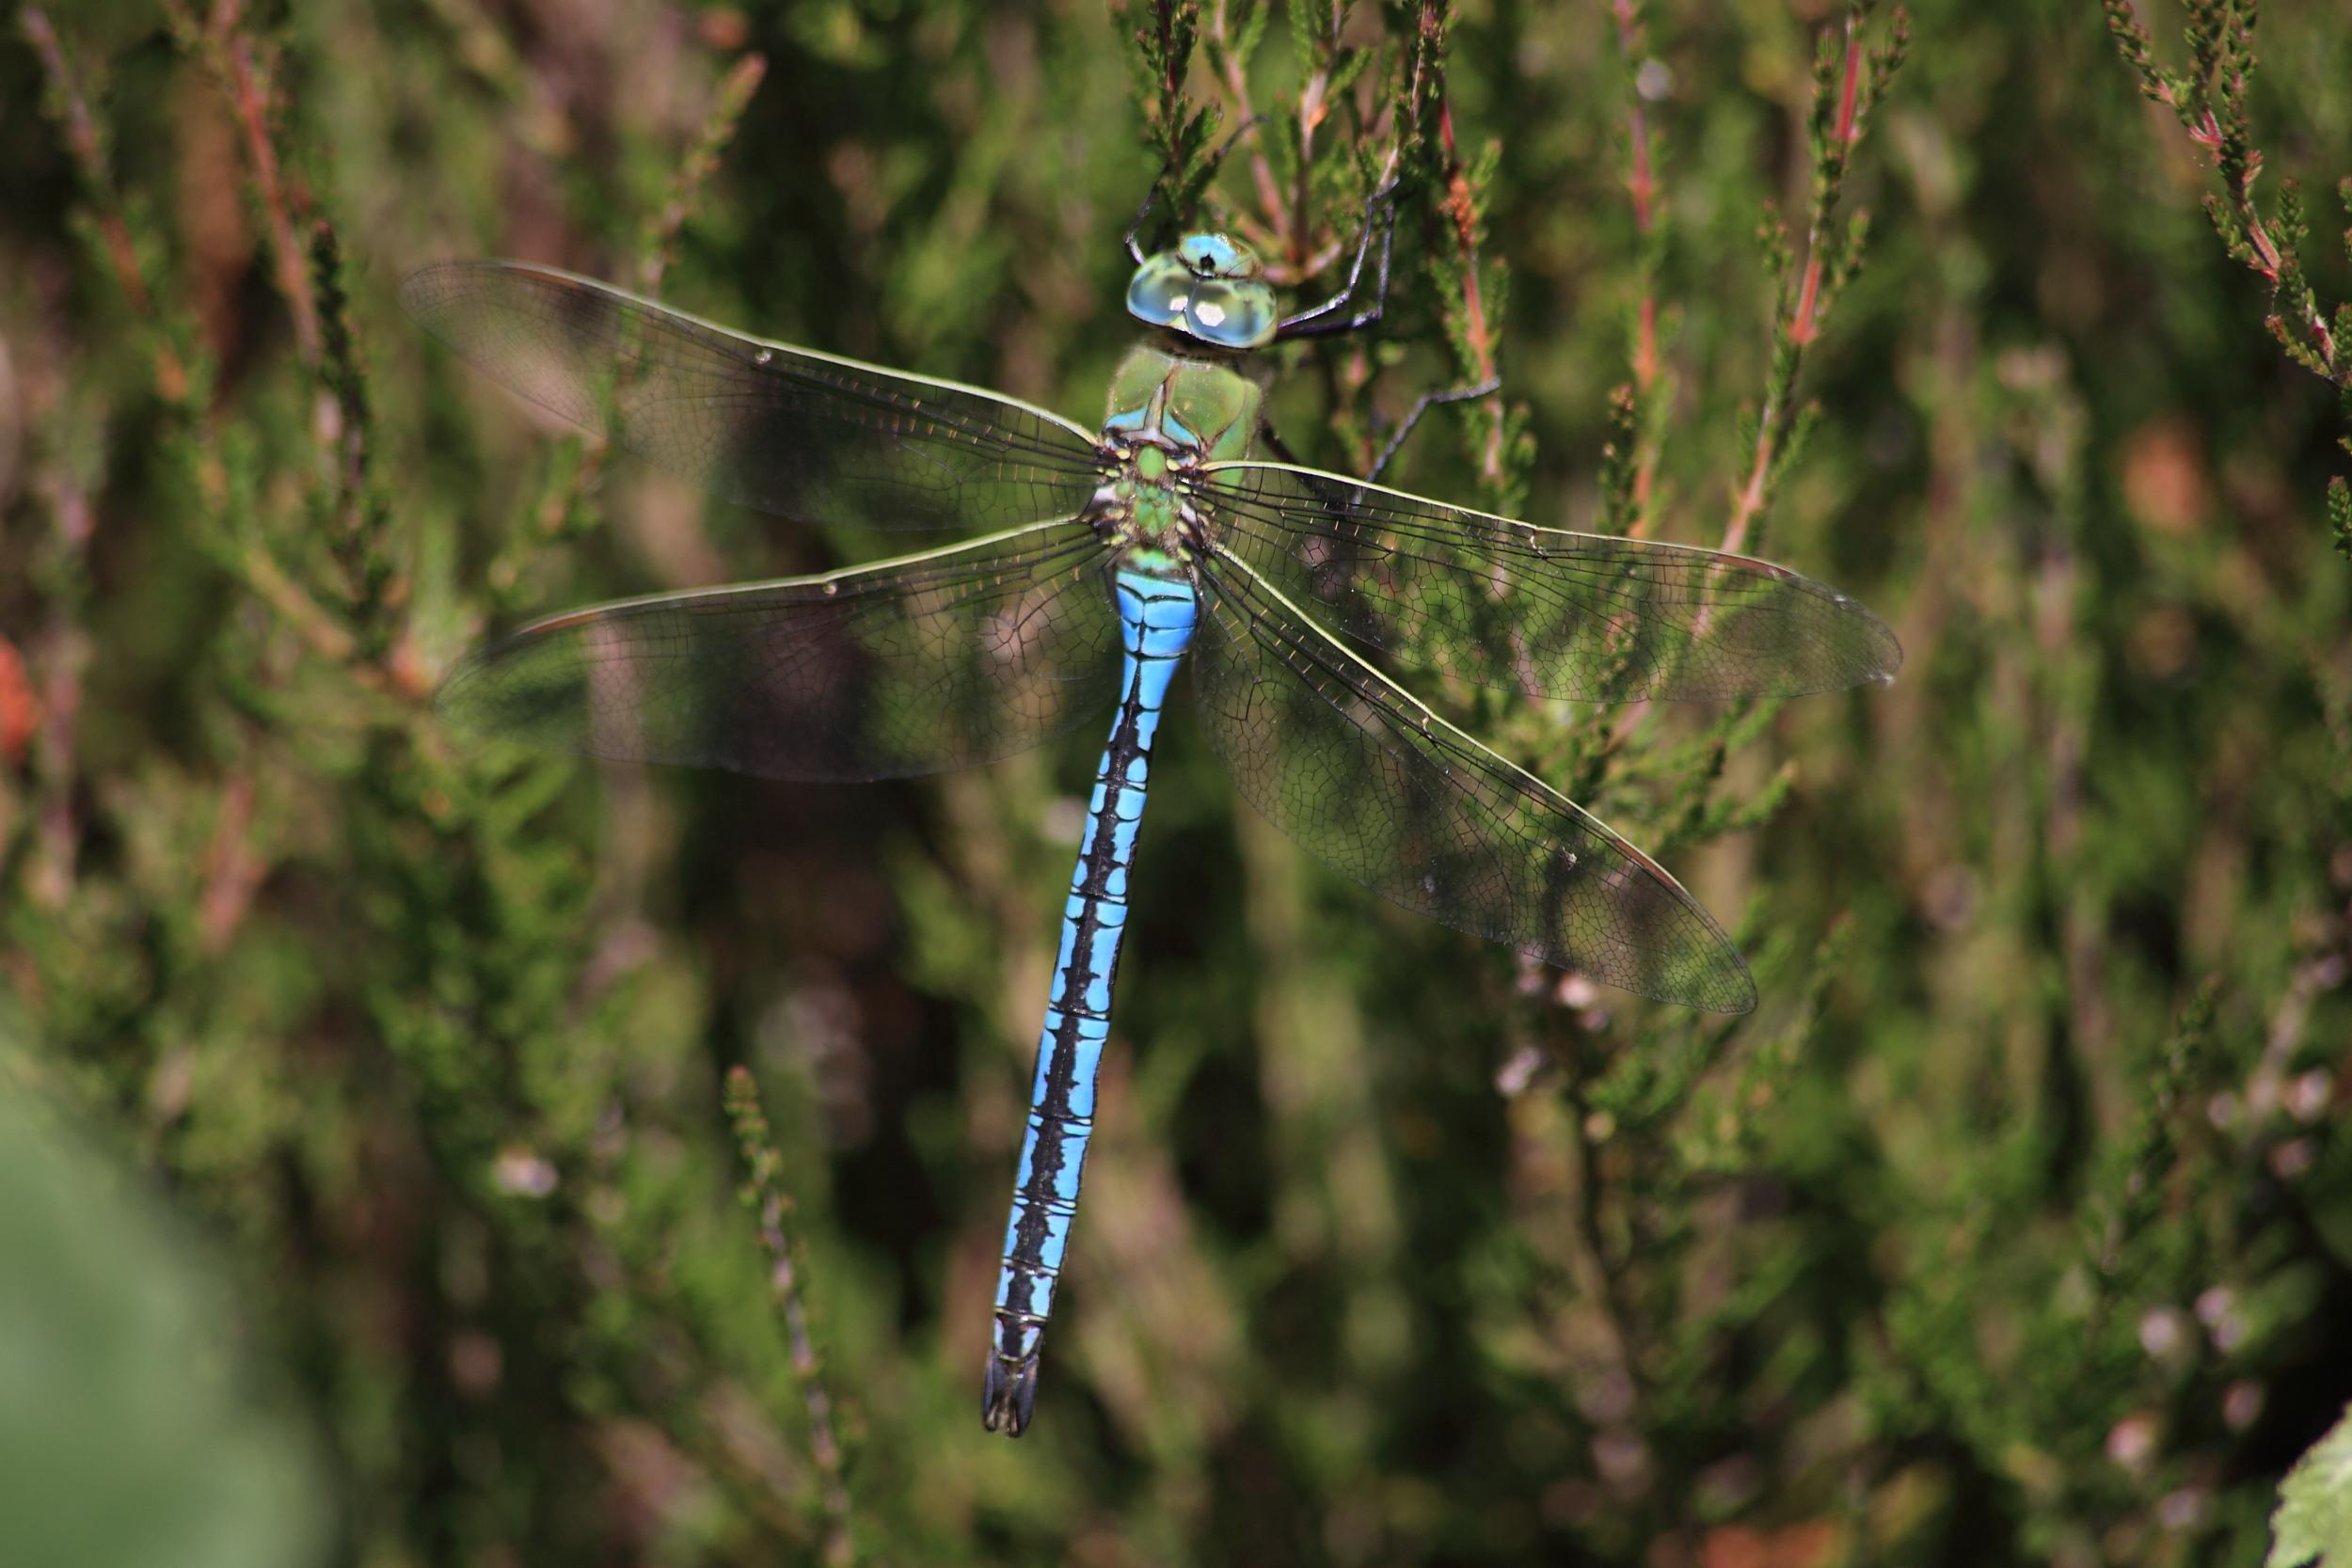 Emperor dragonfly on stem